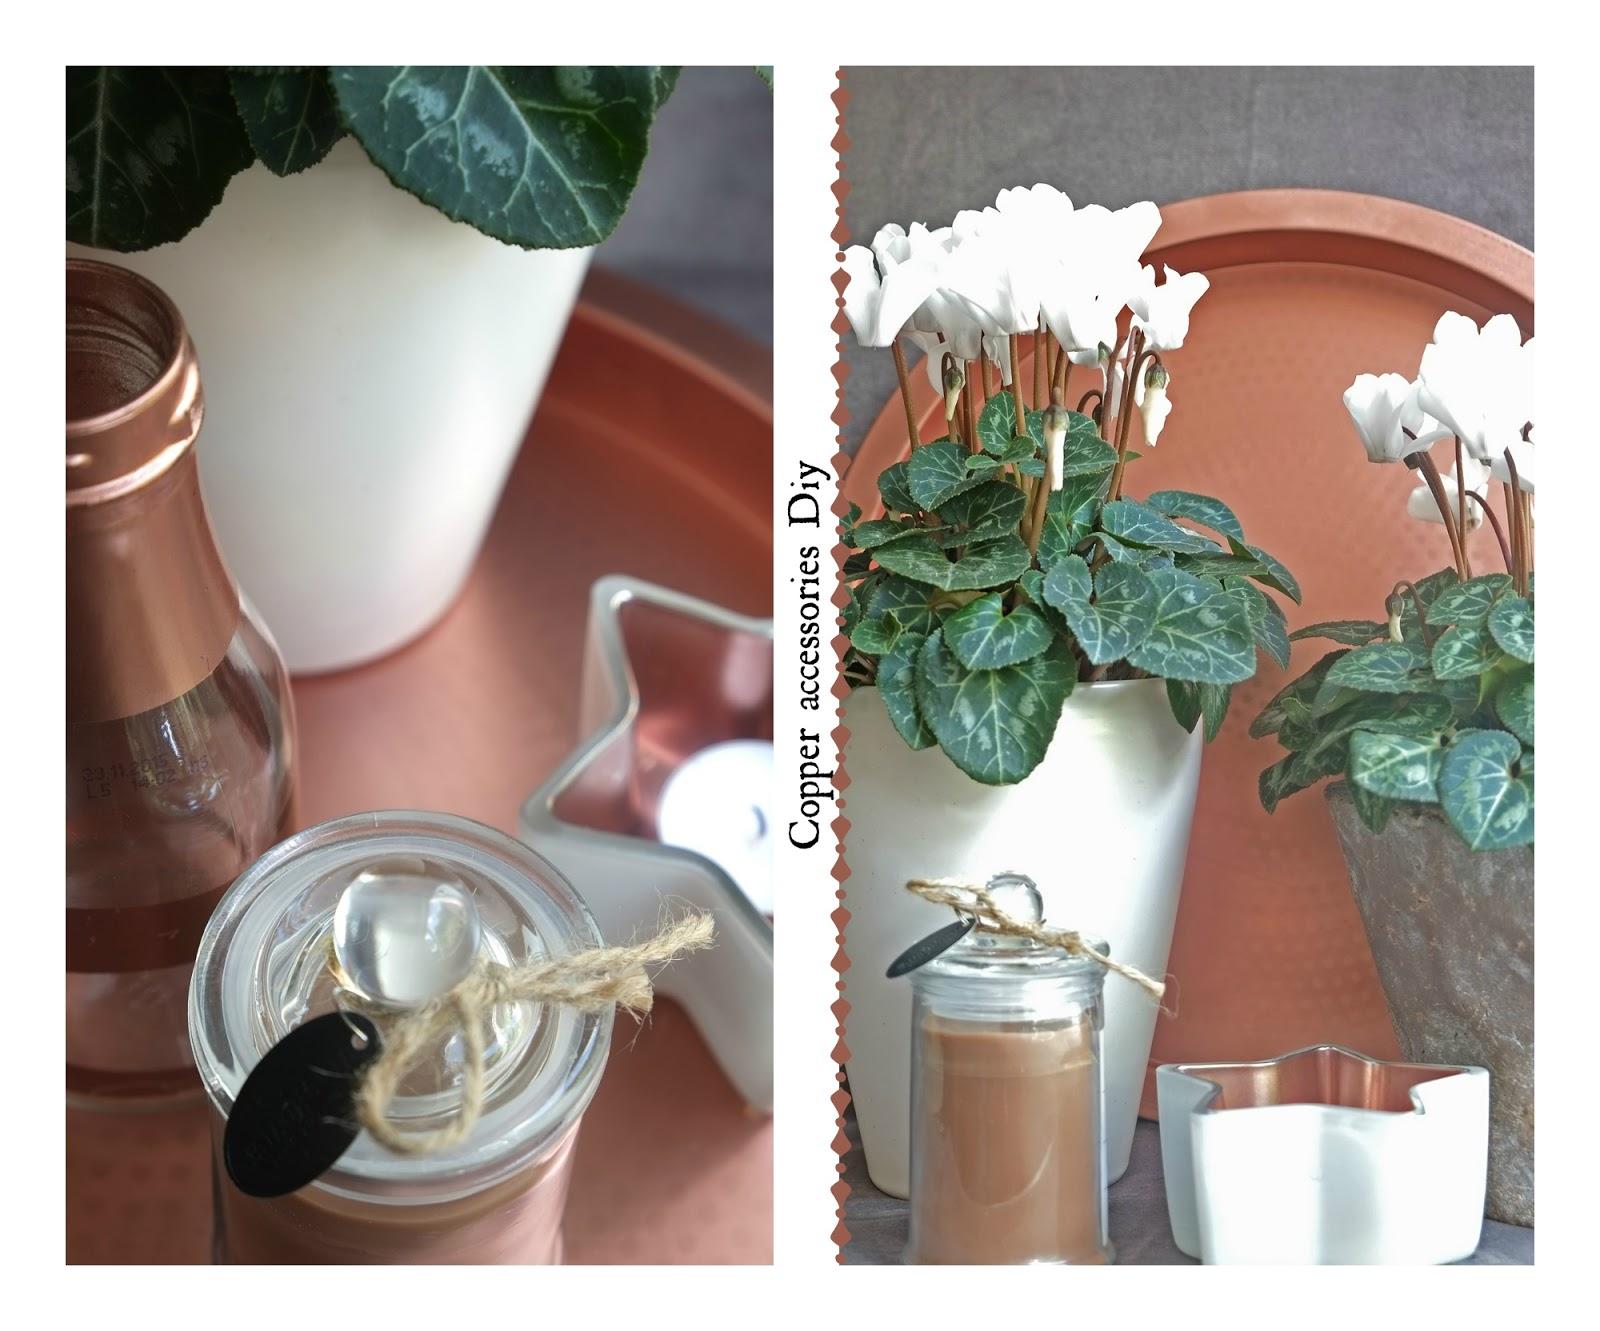 Koper accessoires zelf maken met glazenwerk- Diy